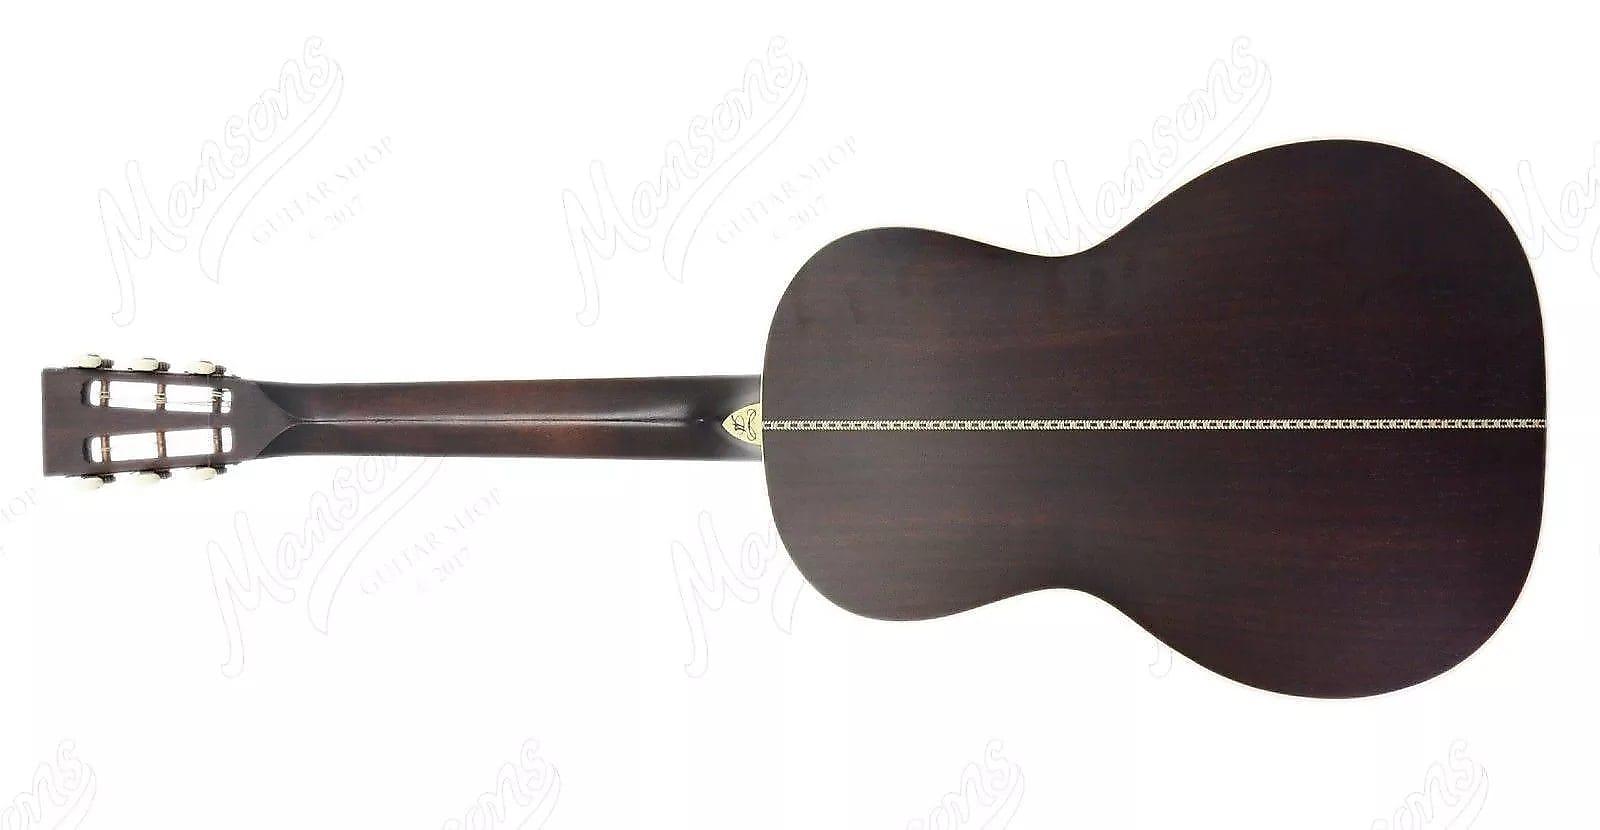 Washburn R320swrk Vintage Parlor 6 String All Solid Acoustic Guitar